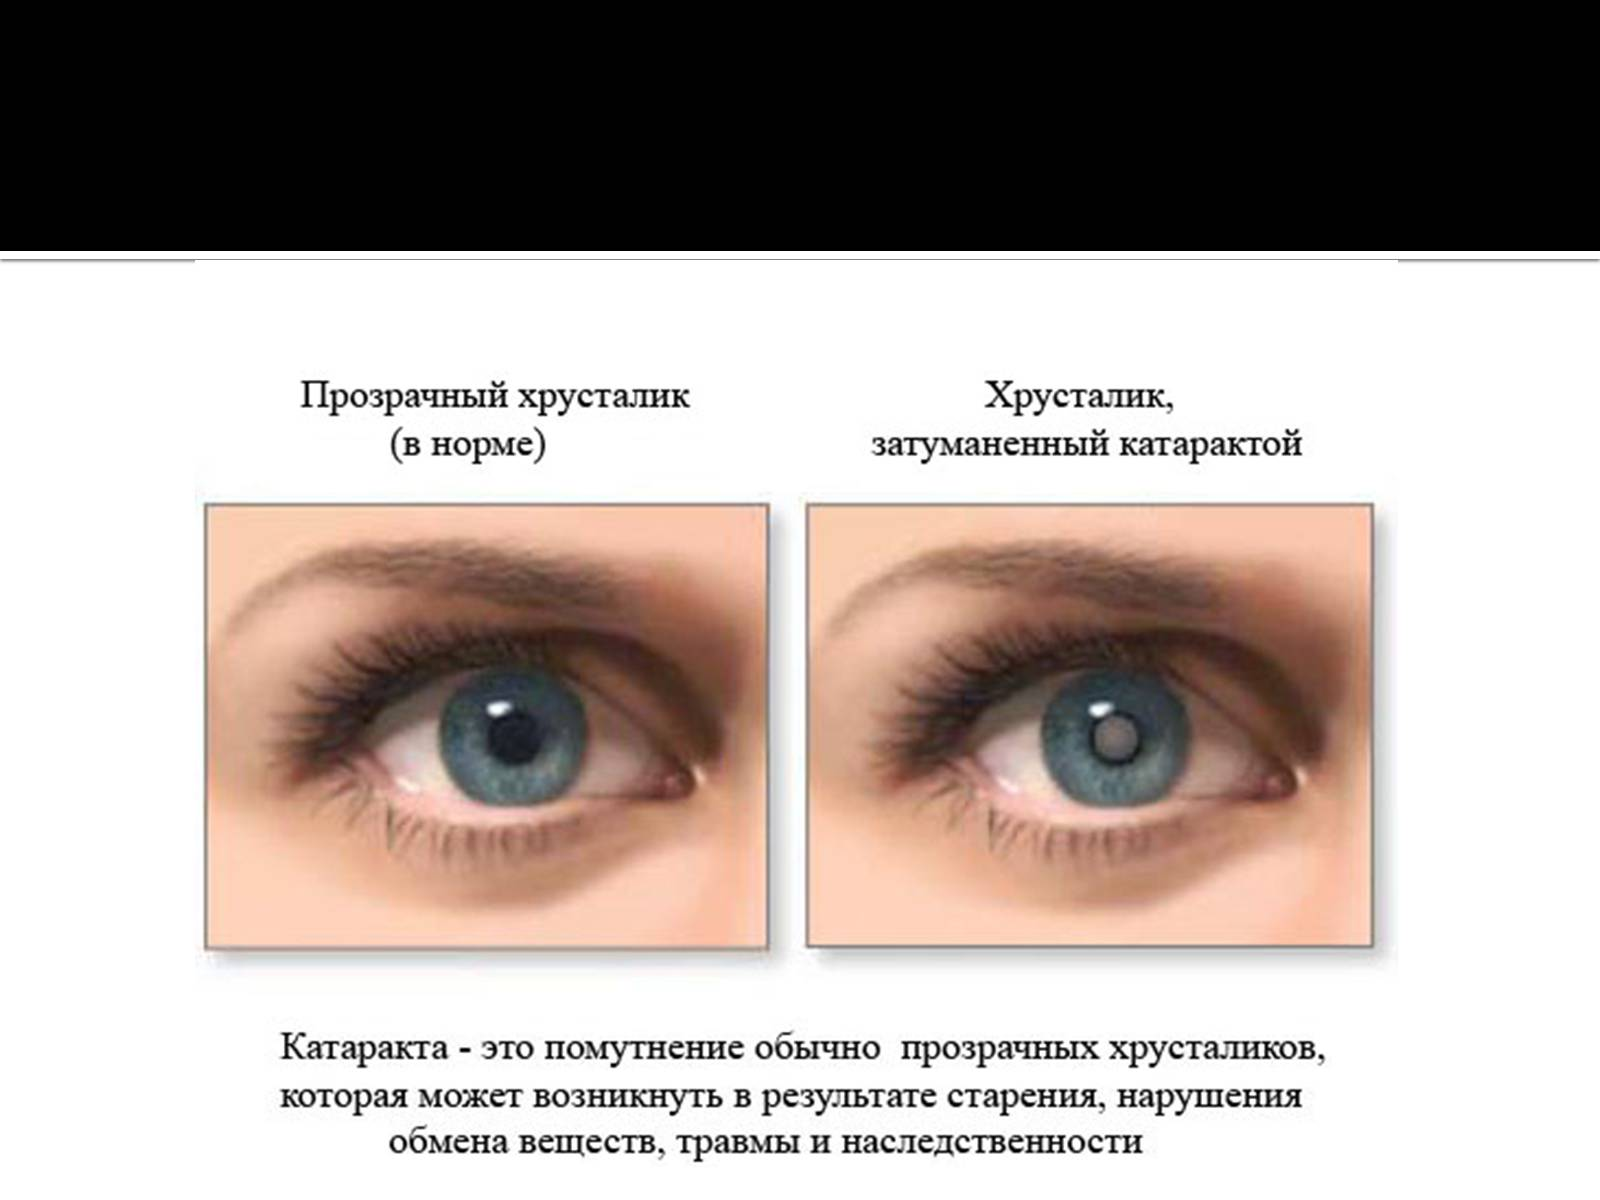 Катаракта глаза – что это такое? симптомы, причины, лечение катаркты